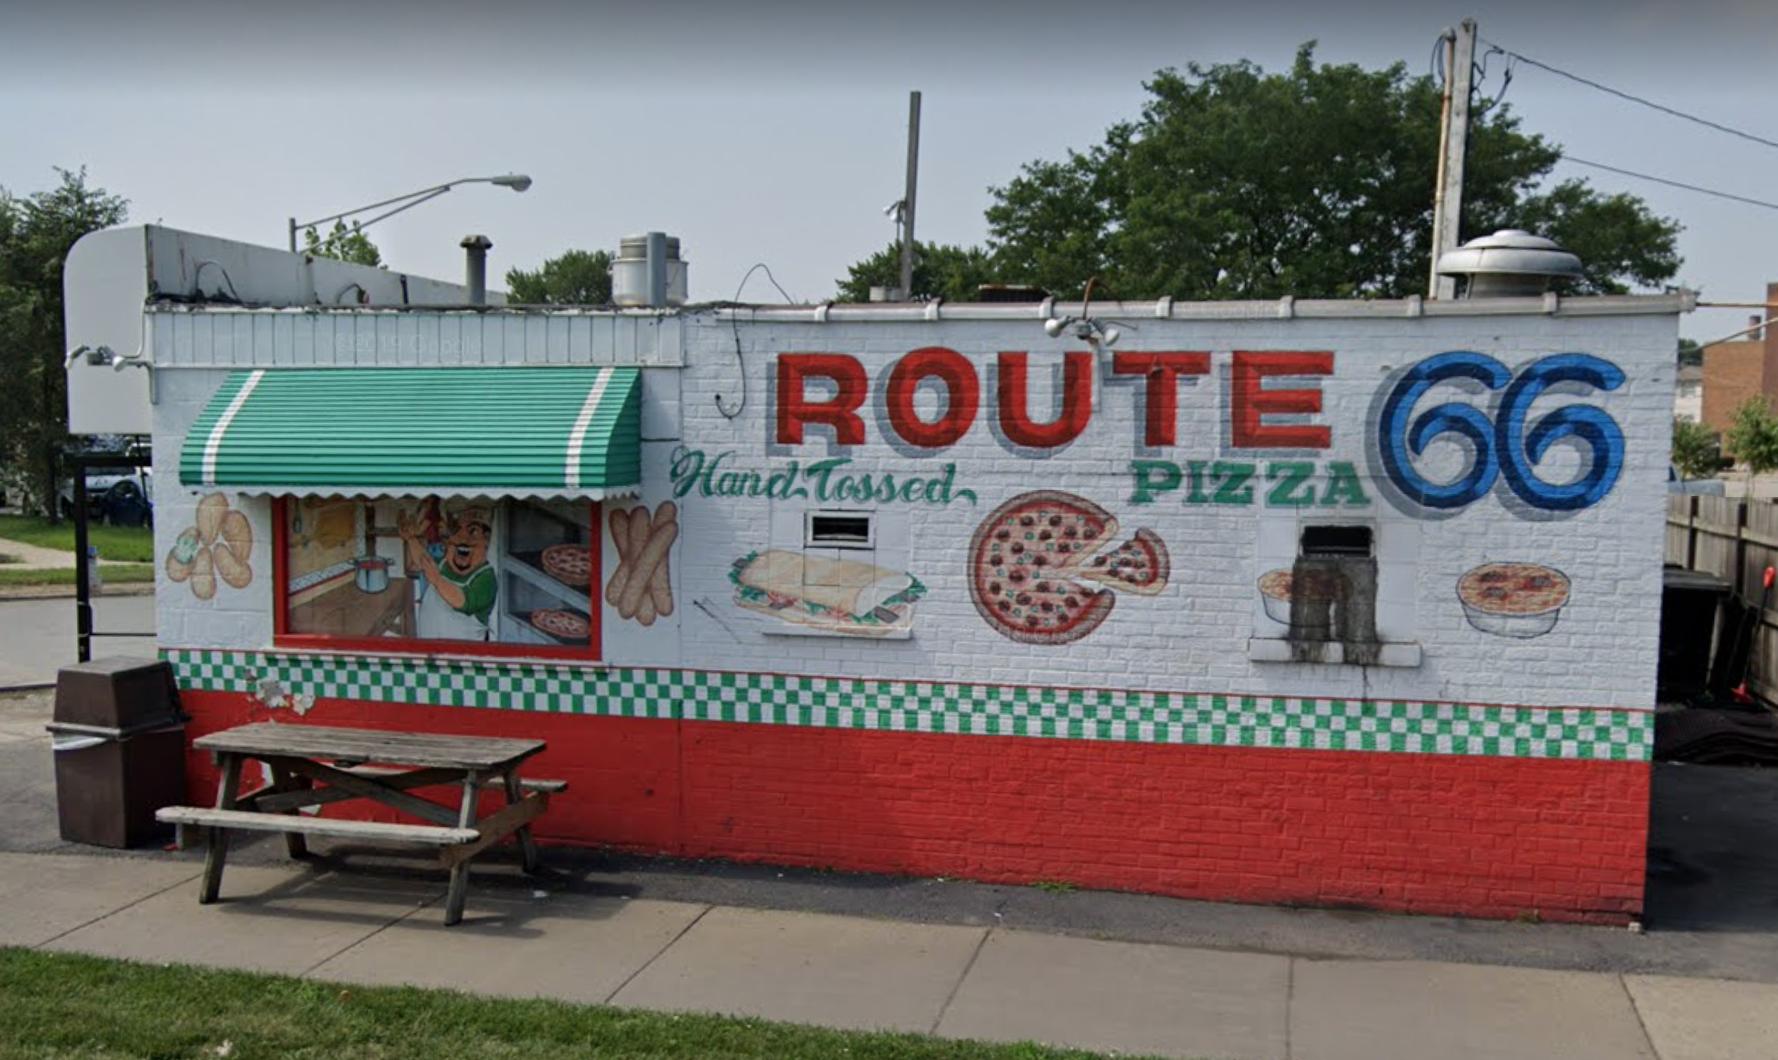 The exterior of a pizzeria.